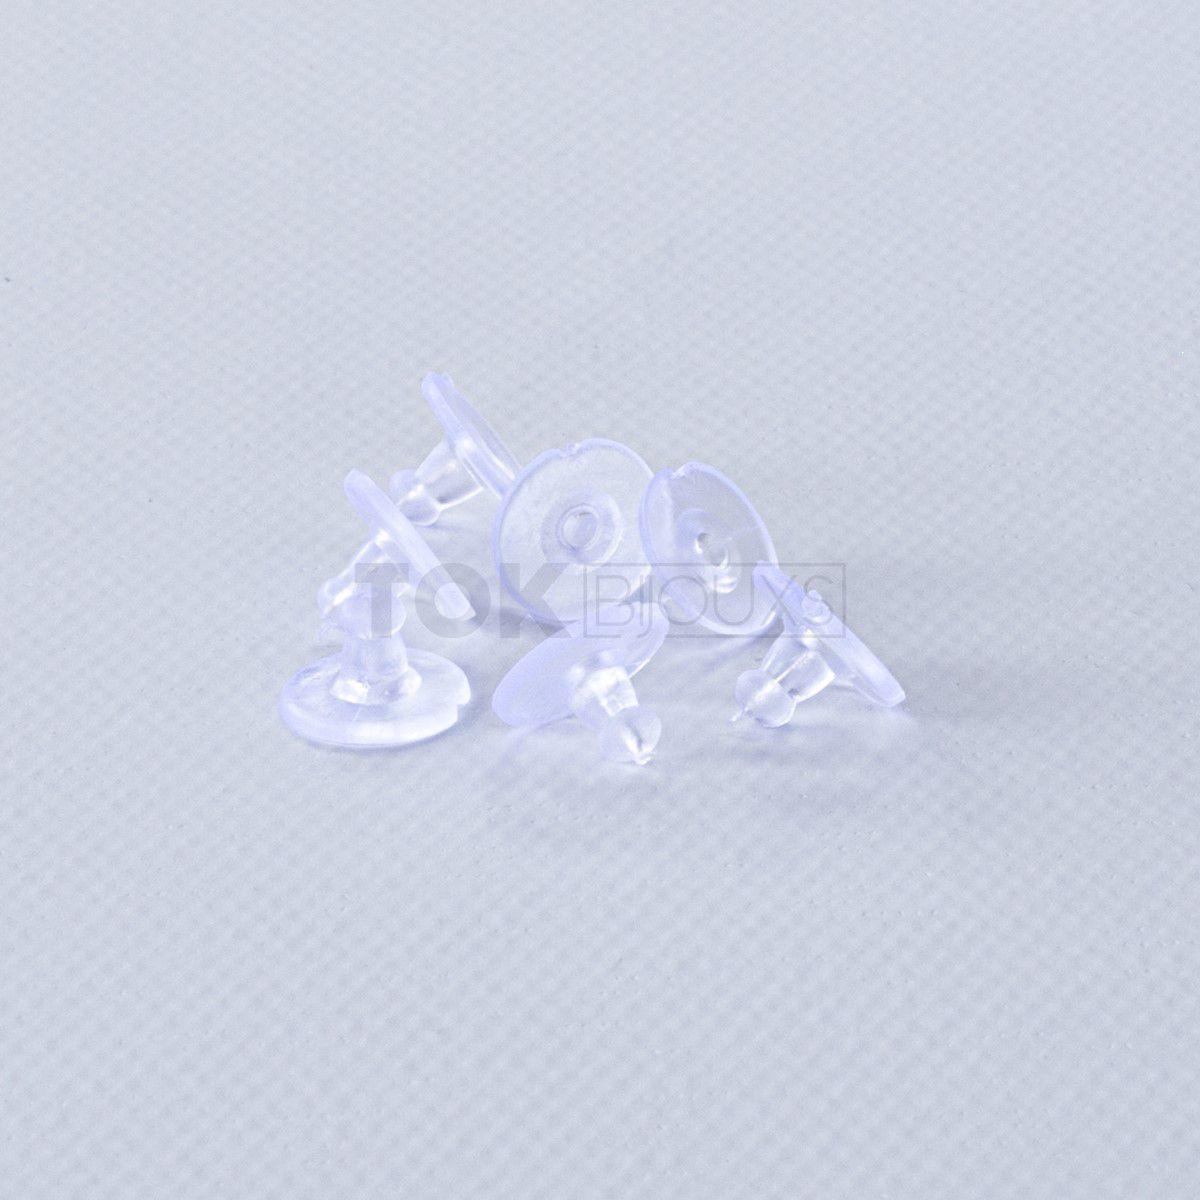 Tarracha Para Brinco - Silicone - 1000 Un